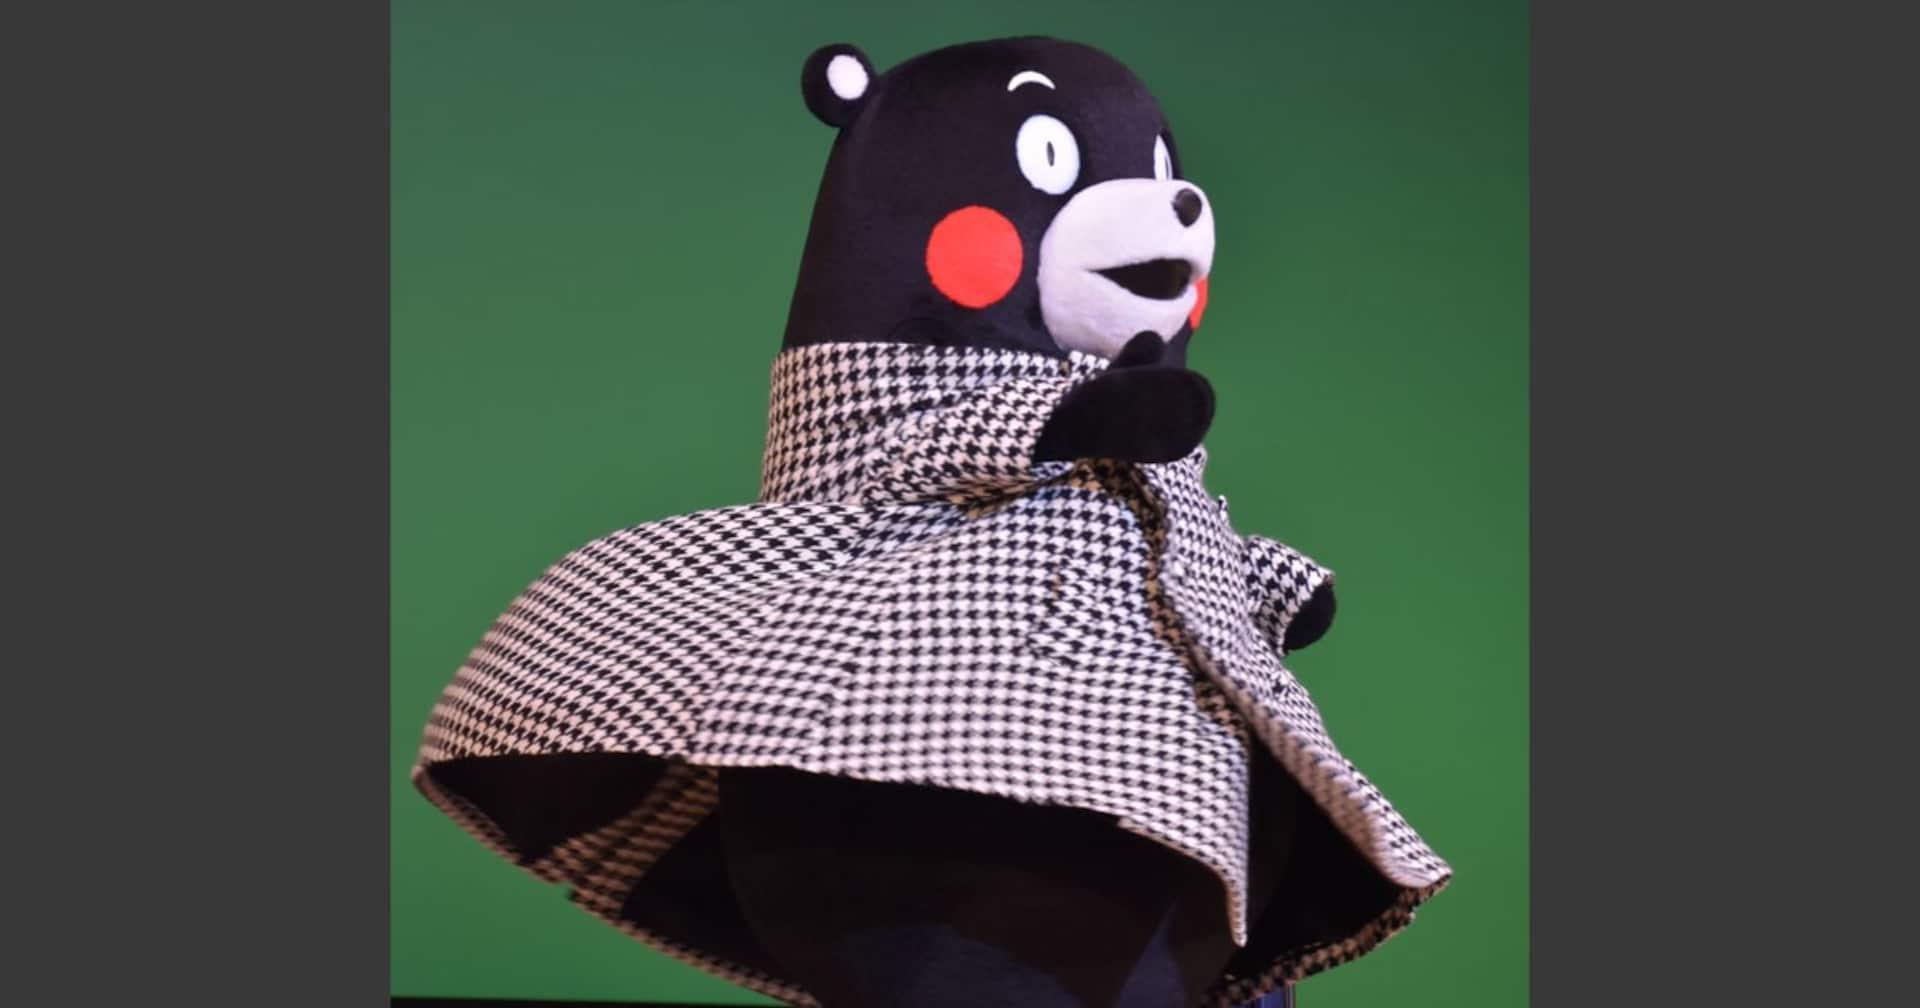 知事から名刺を1万枚配ってくるよう指示された「くまモン」。ついに大阪で失踪する…